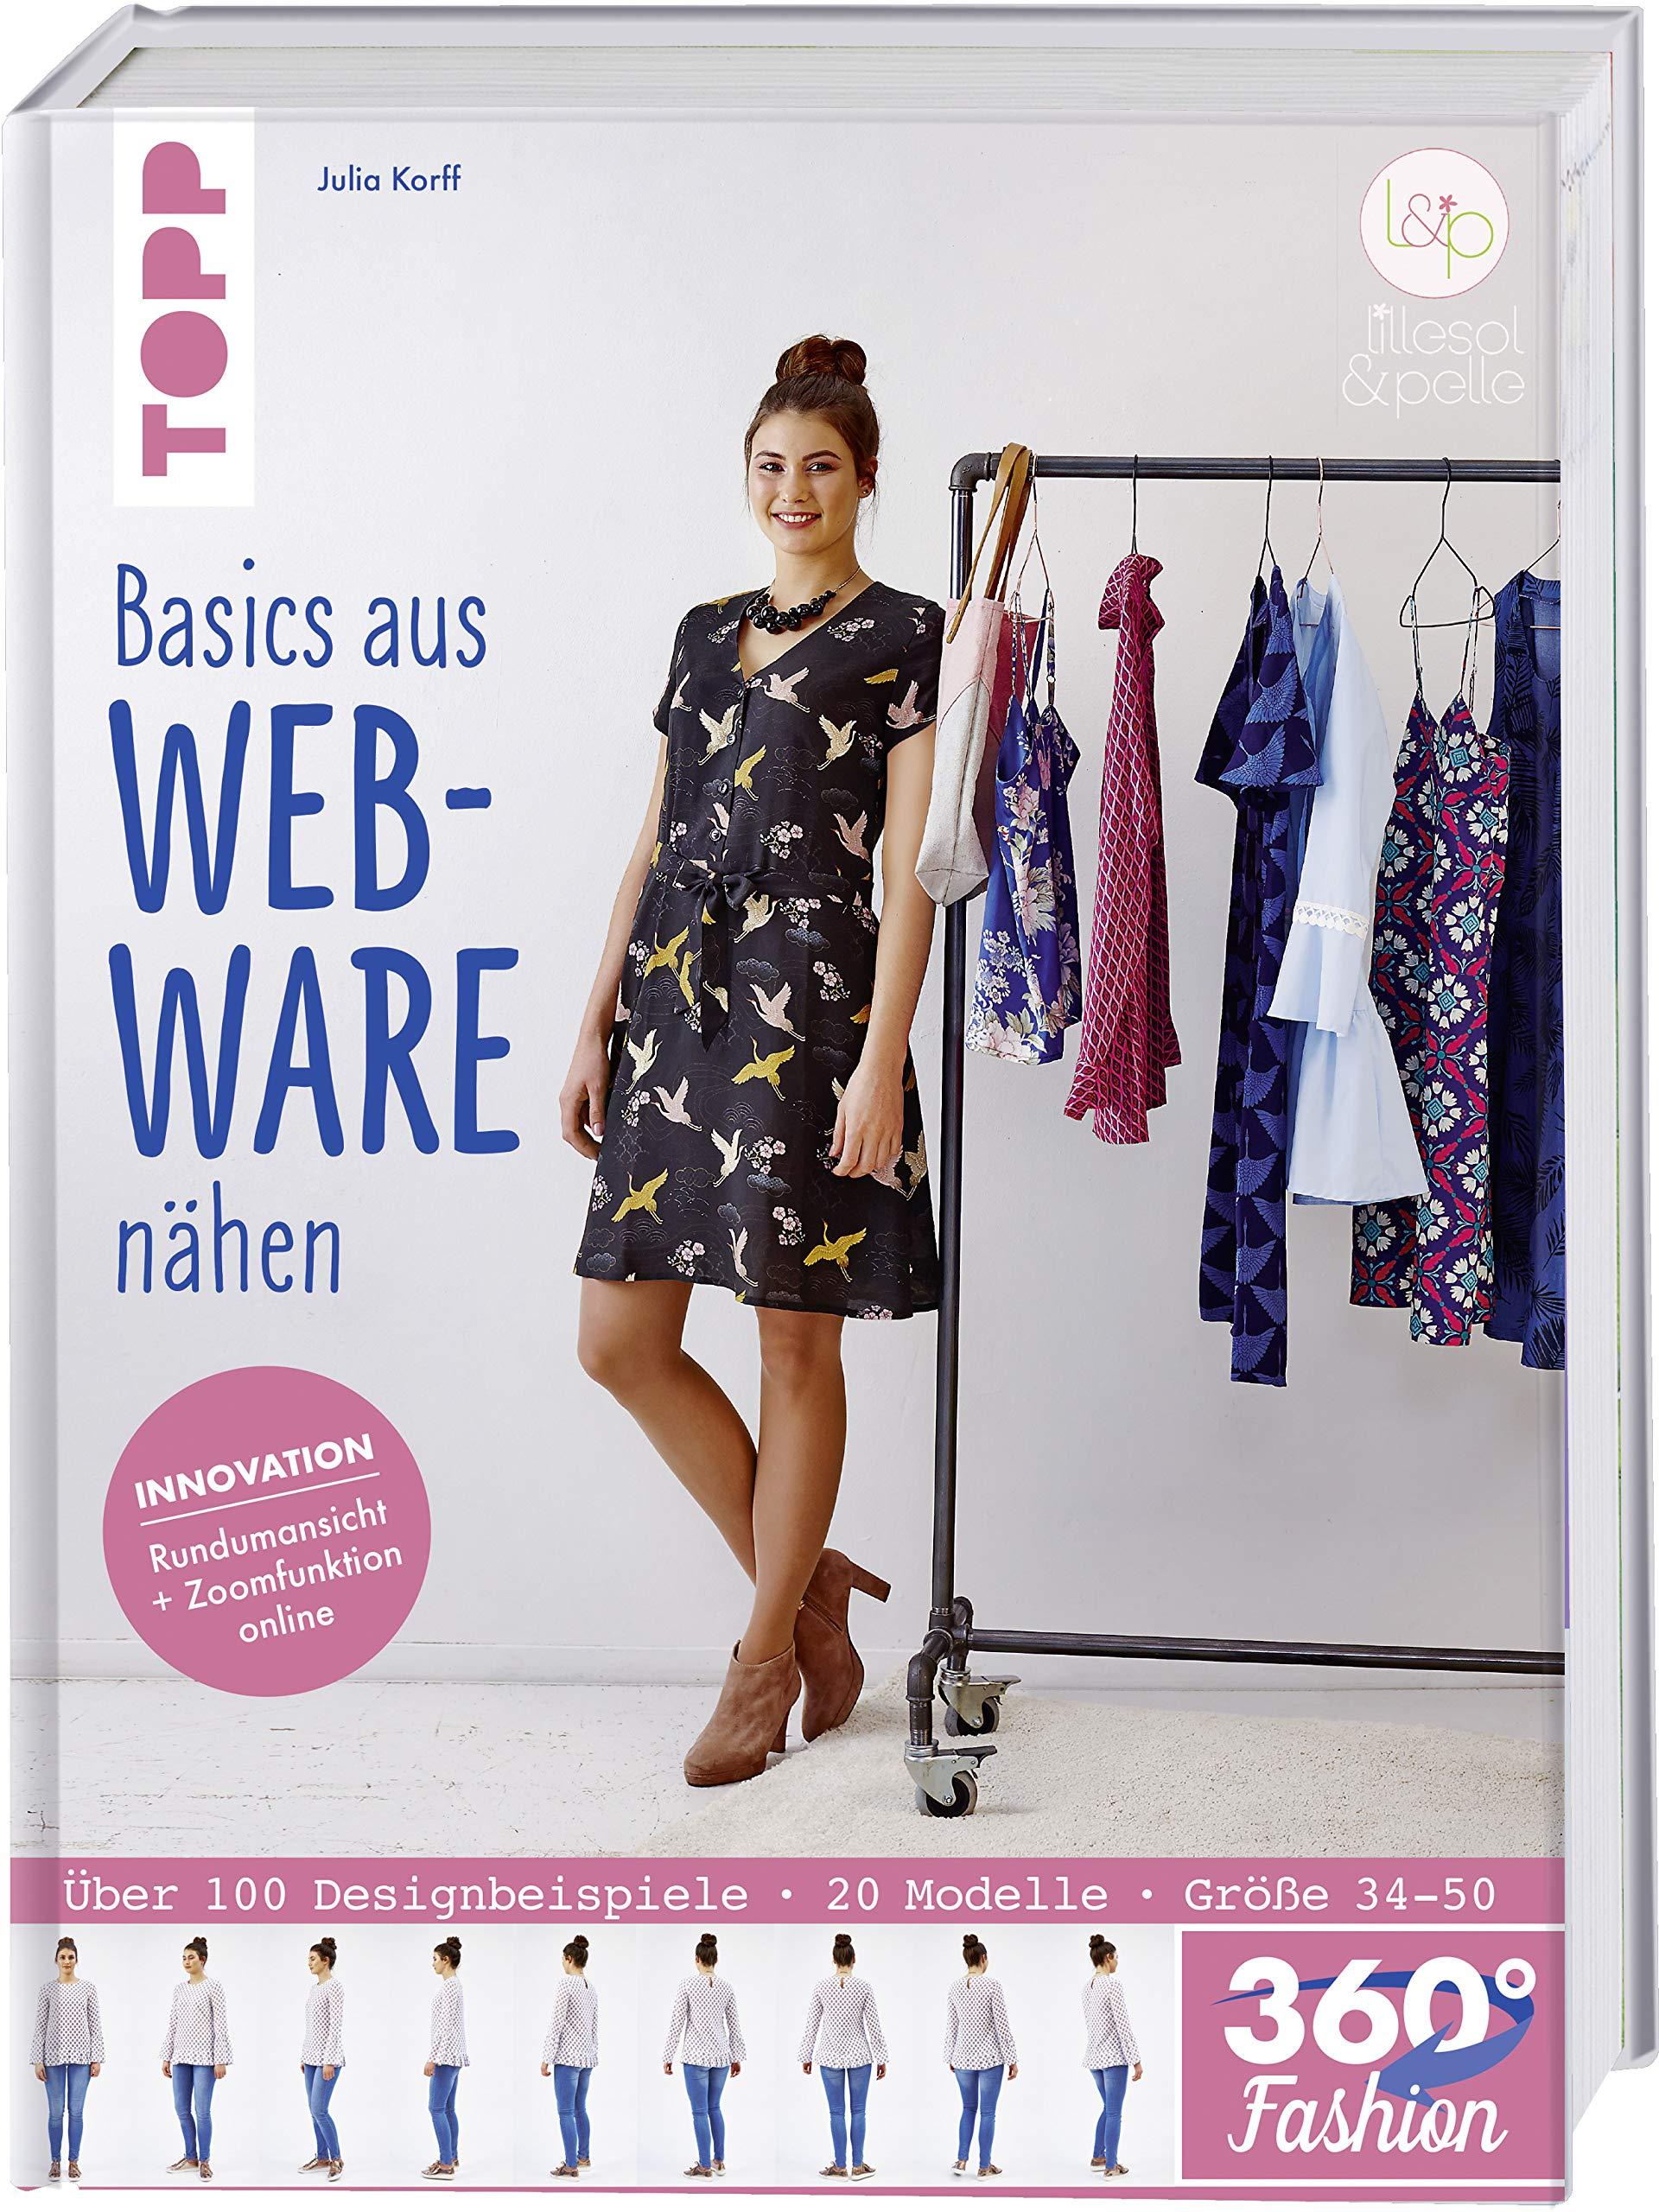 360° Fashion Basics aus Webware nähen: Innovation: Rundumansicht und Zoomfunktion online Gebundenes Buch – 10. September 2018 Julia Korff Frech 3772481450 Basteln / Handarbeiten